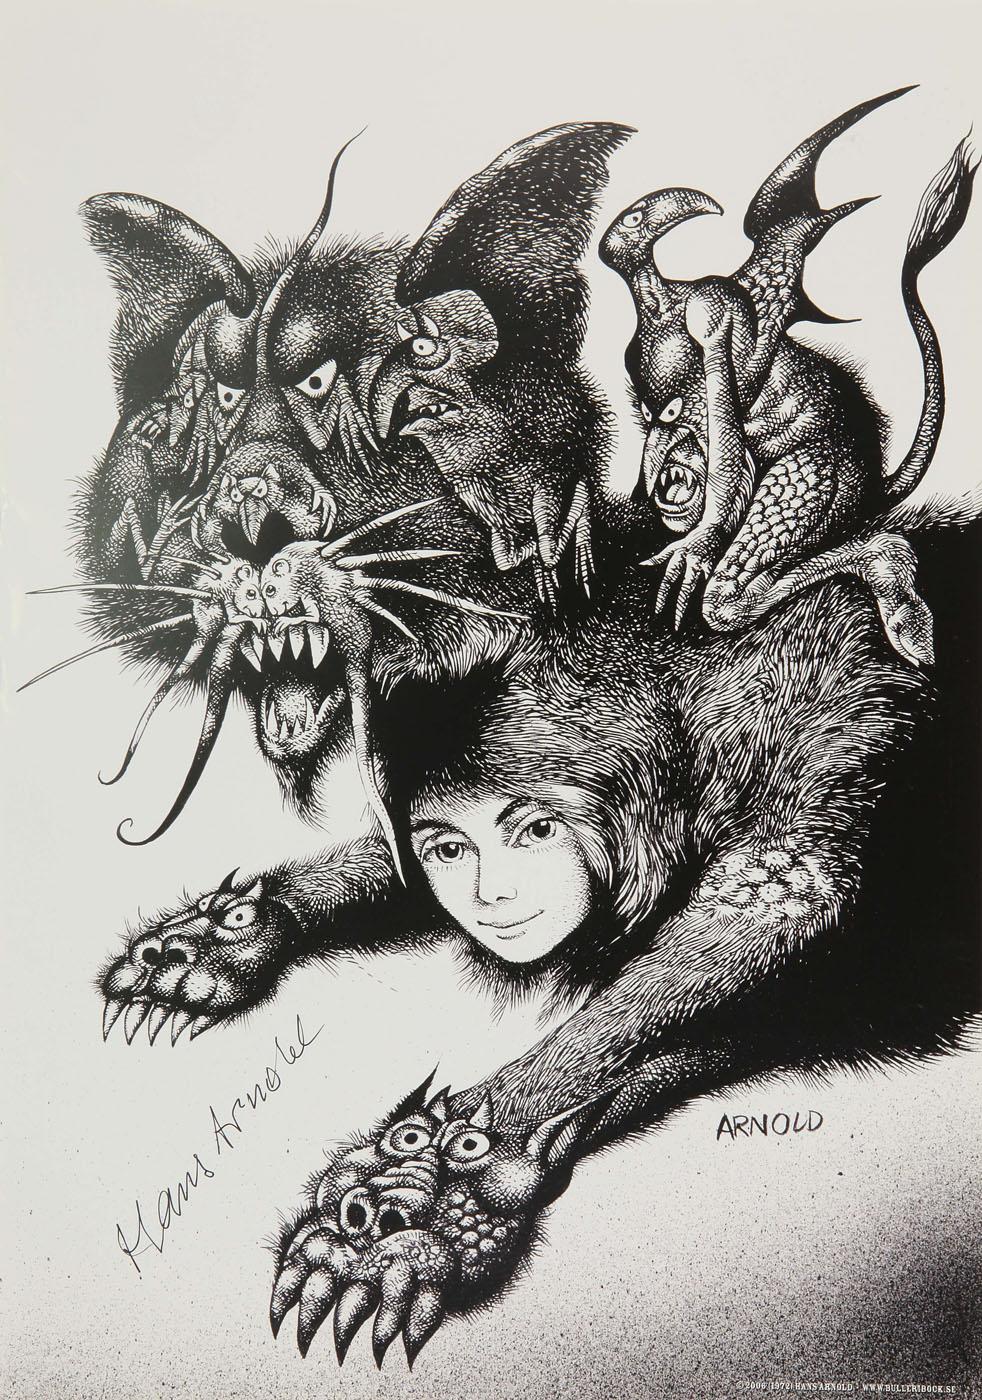 Hans Arnold - Monster Girl